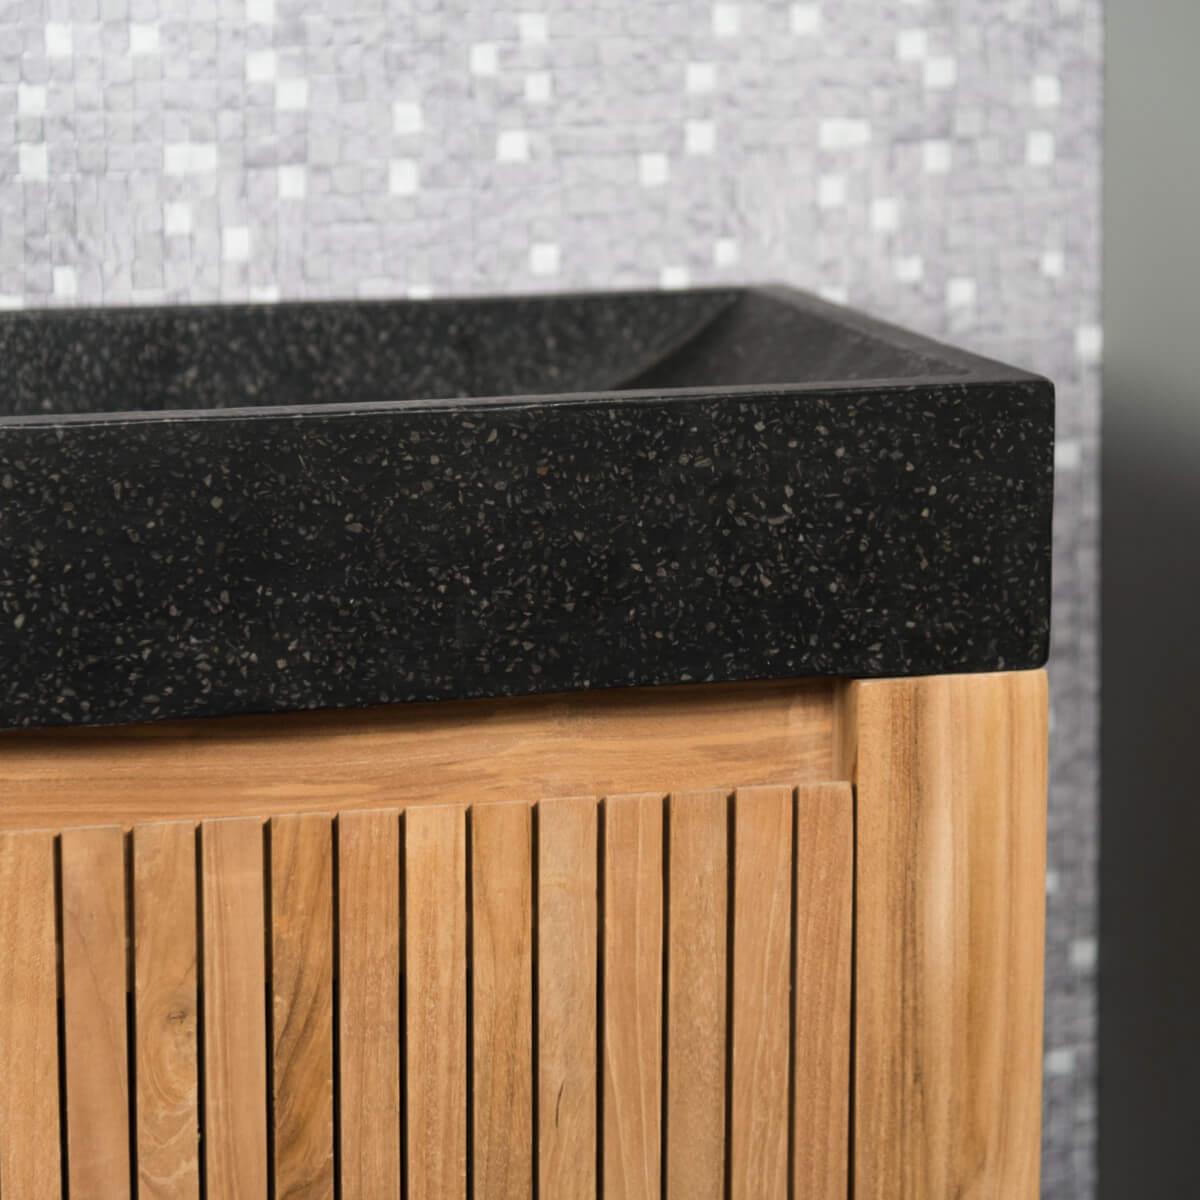 Meuble sous vasque simple vasque suspendu en bois teck for Meuble vasque en bois massif